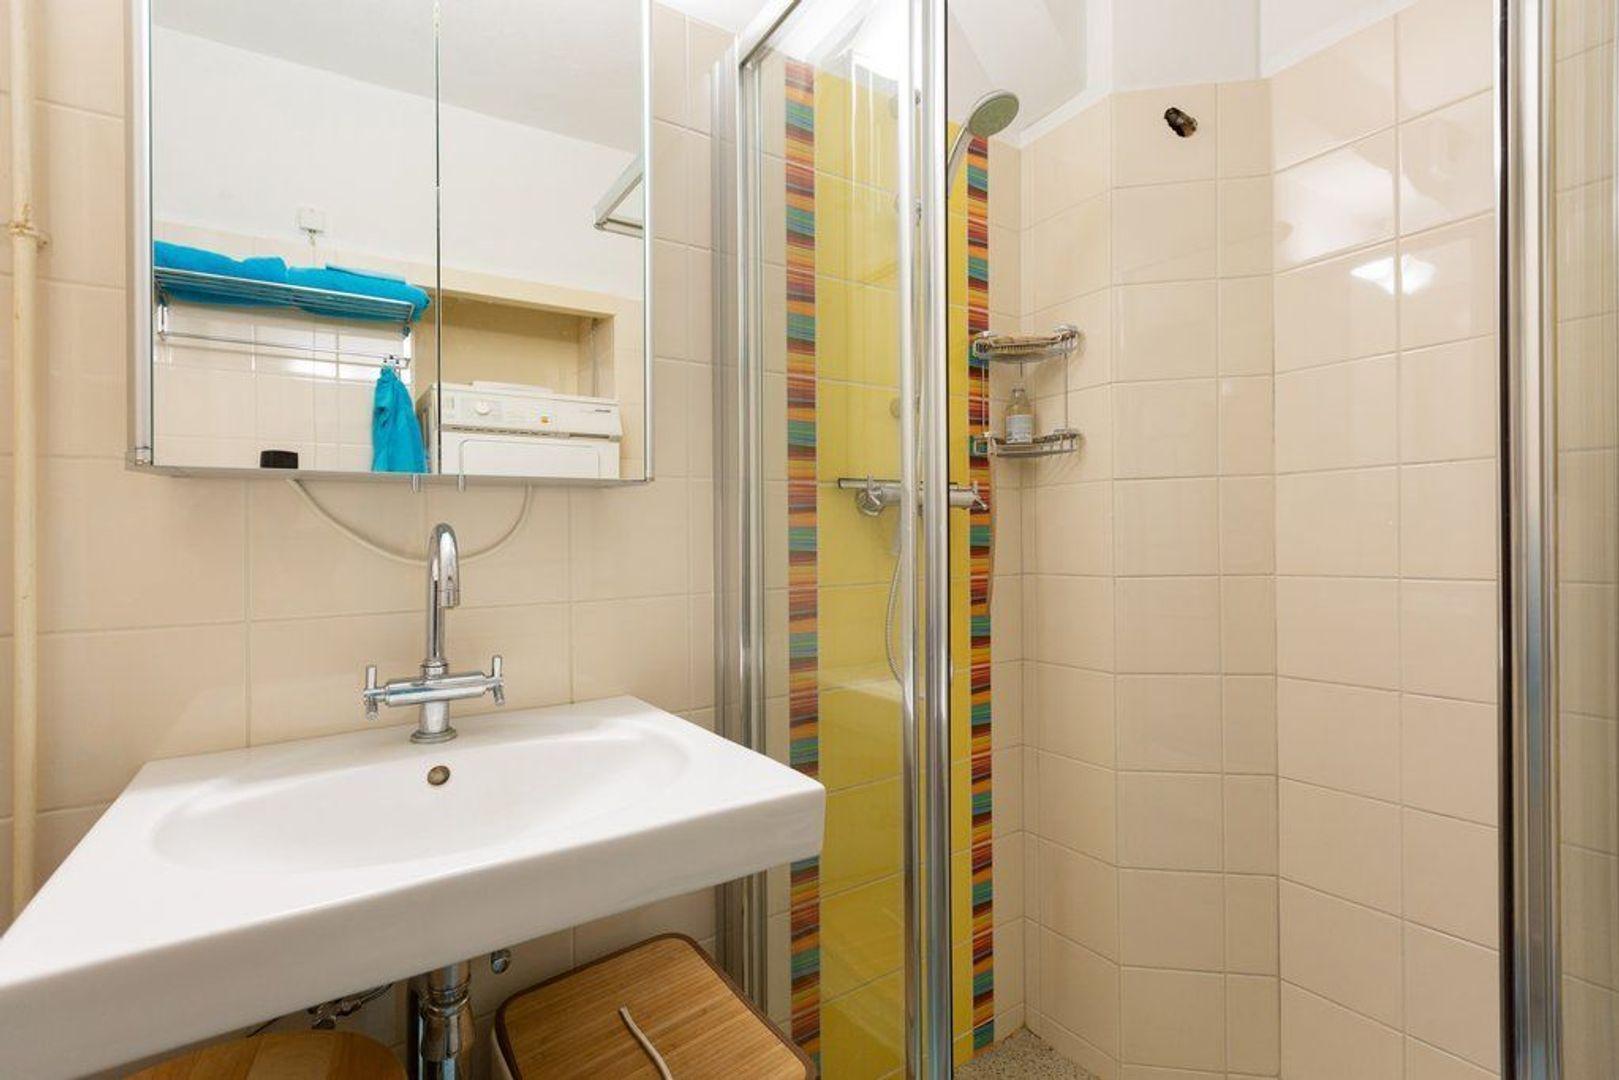 Huis te Landelaan 15 F615, Rijswijk foto-3 blur